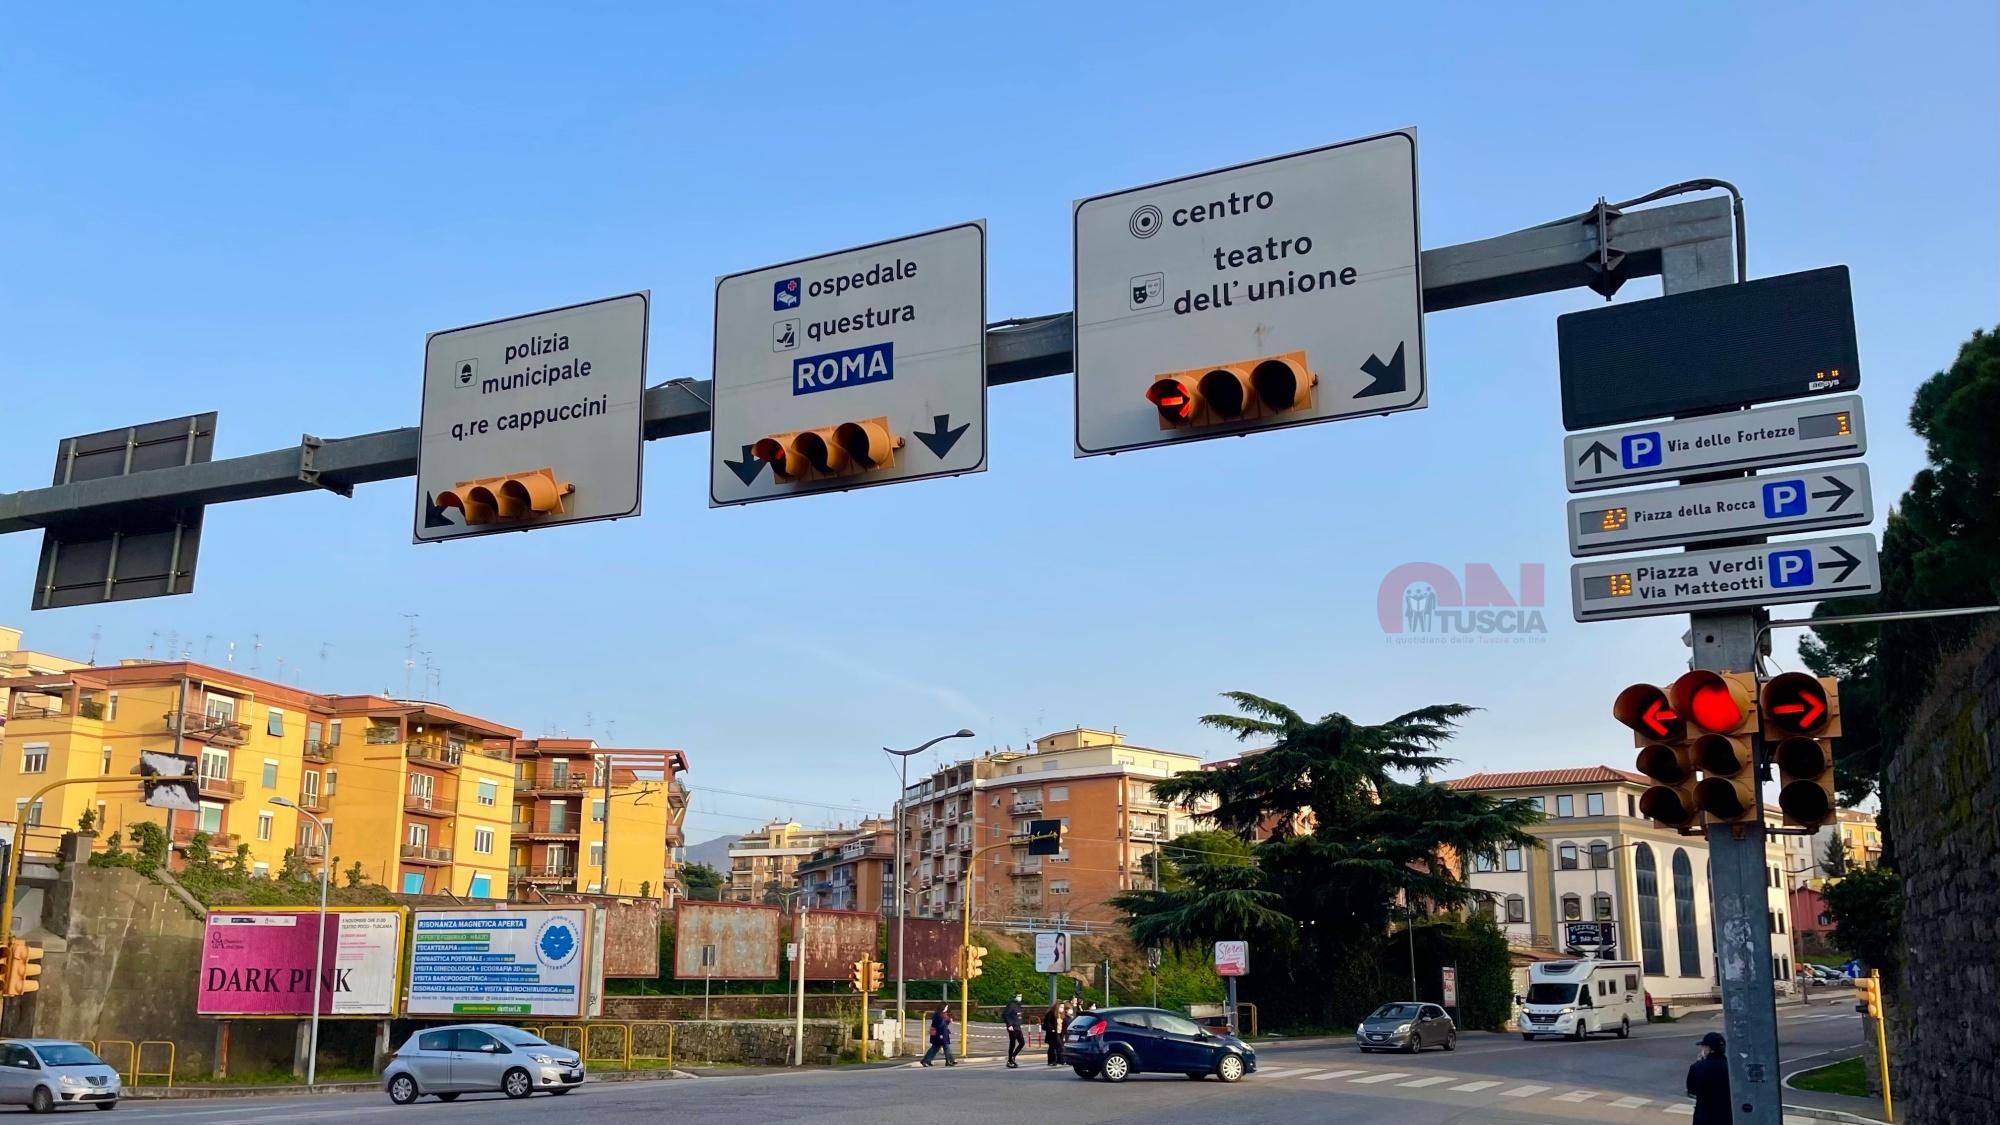 Viale Raniero Capocci